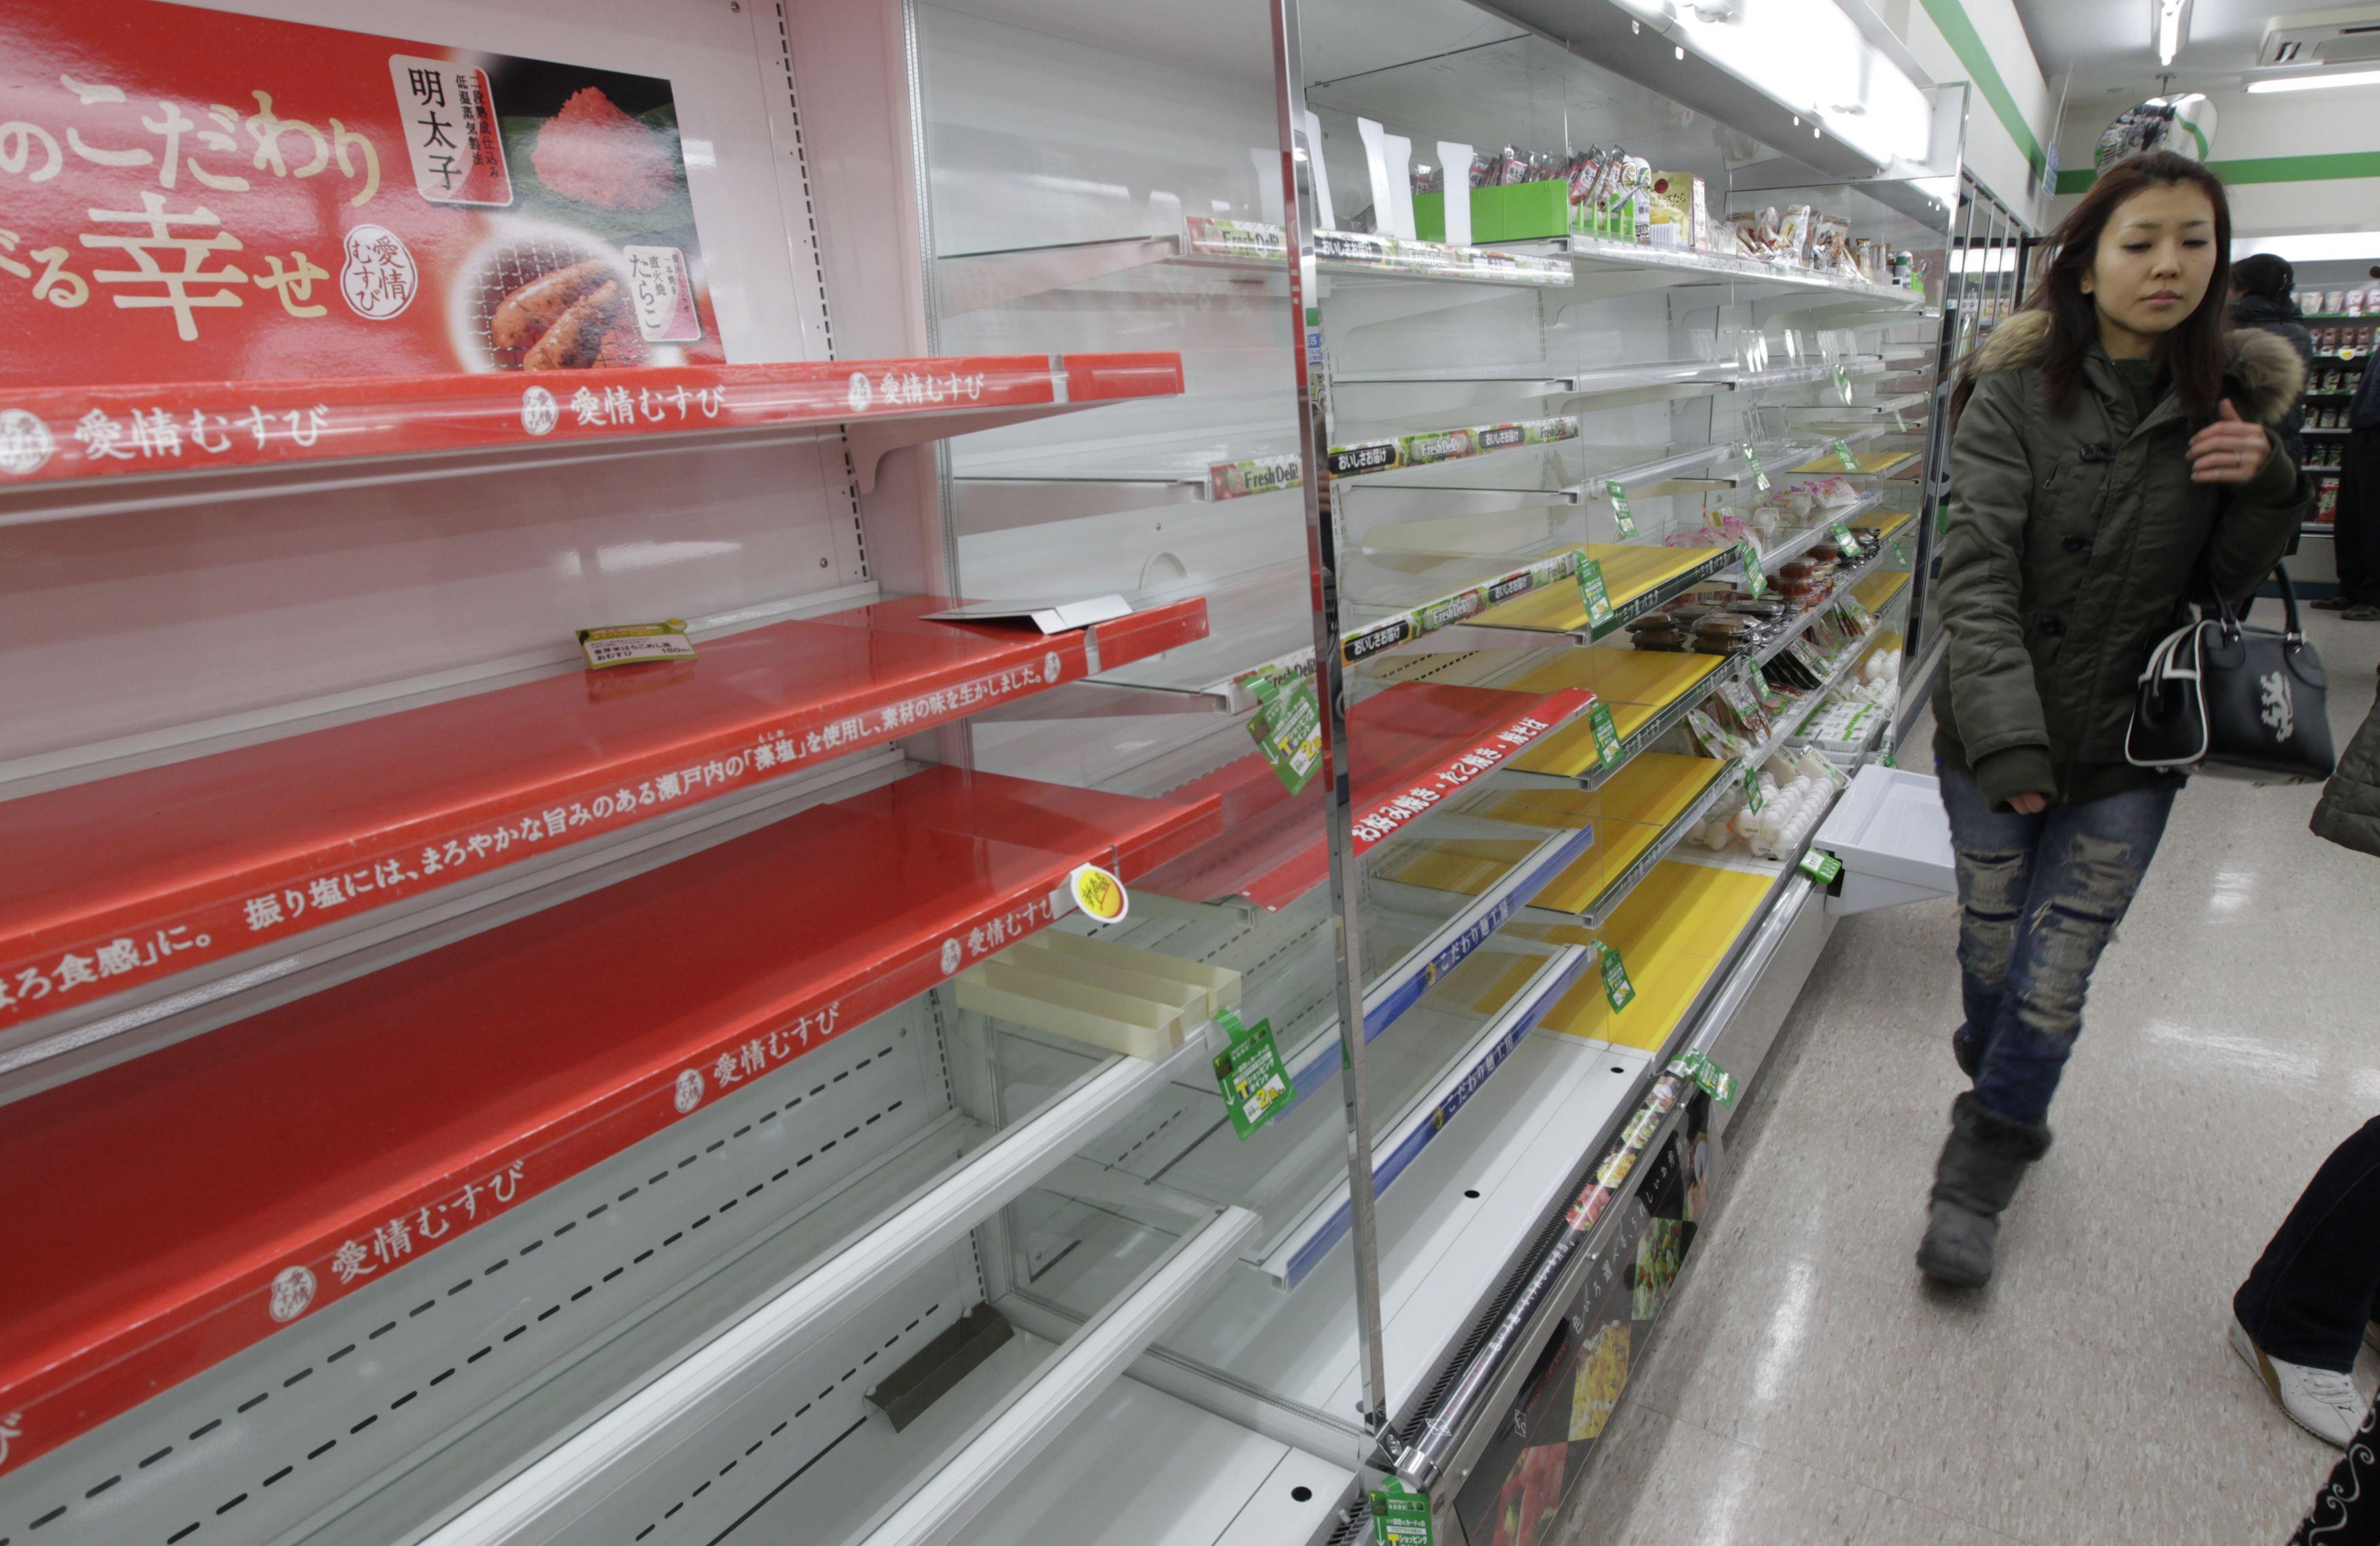 Εν ριπή οφθαλμού τα ράφια των σούπερ μάρκετ του Τόκιο άδειασαν. Ο πανικός κατέλαβε τους Ιάπωνες - ΦΩΤΟ REUTERS